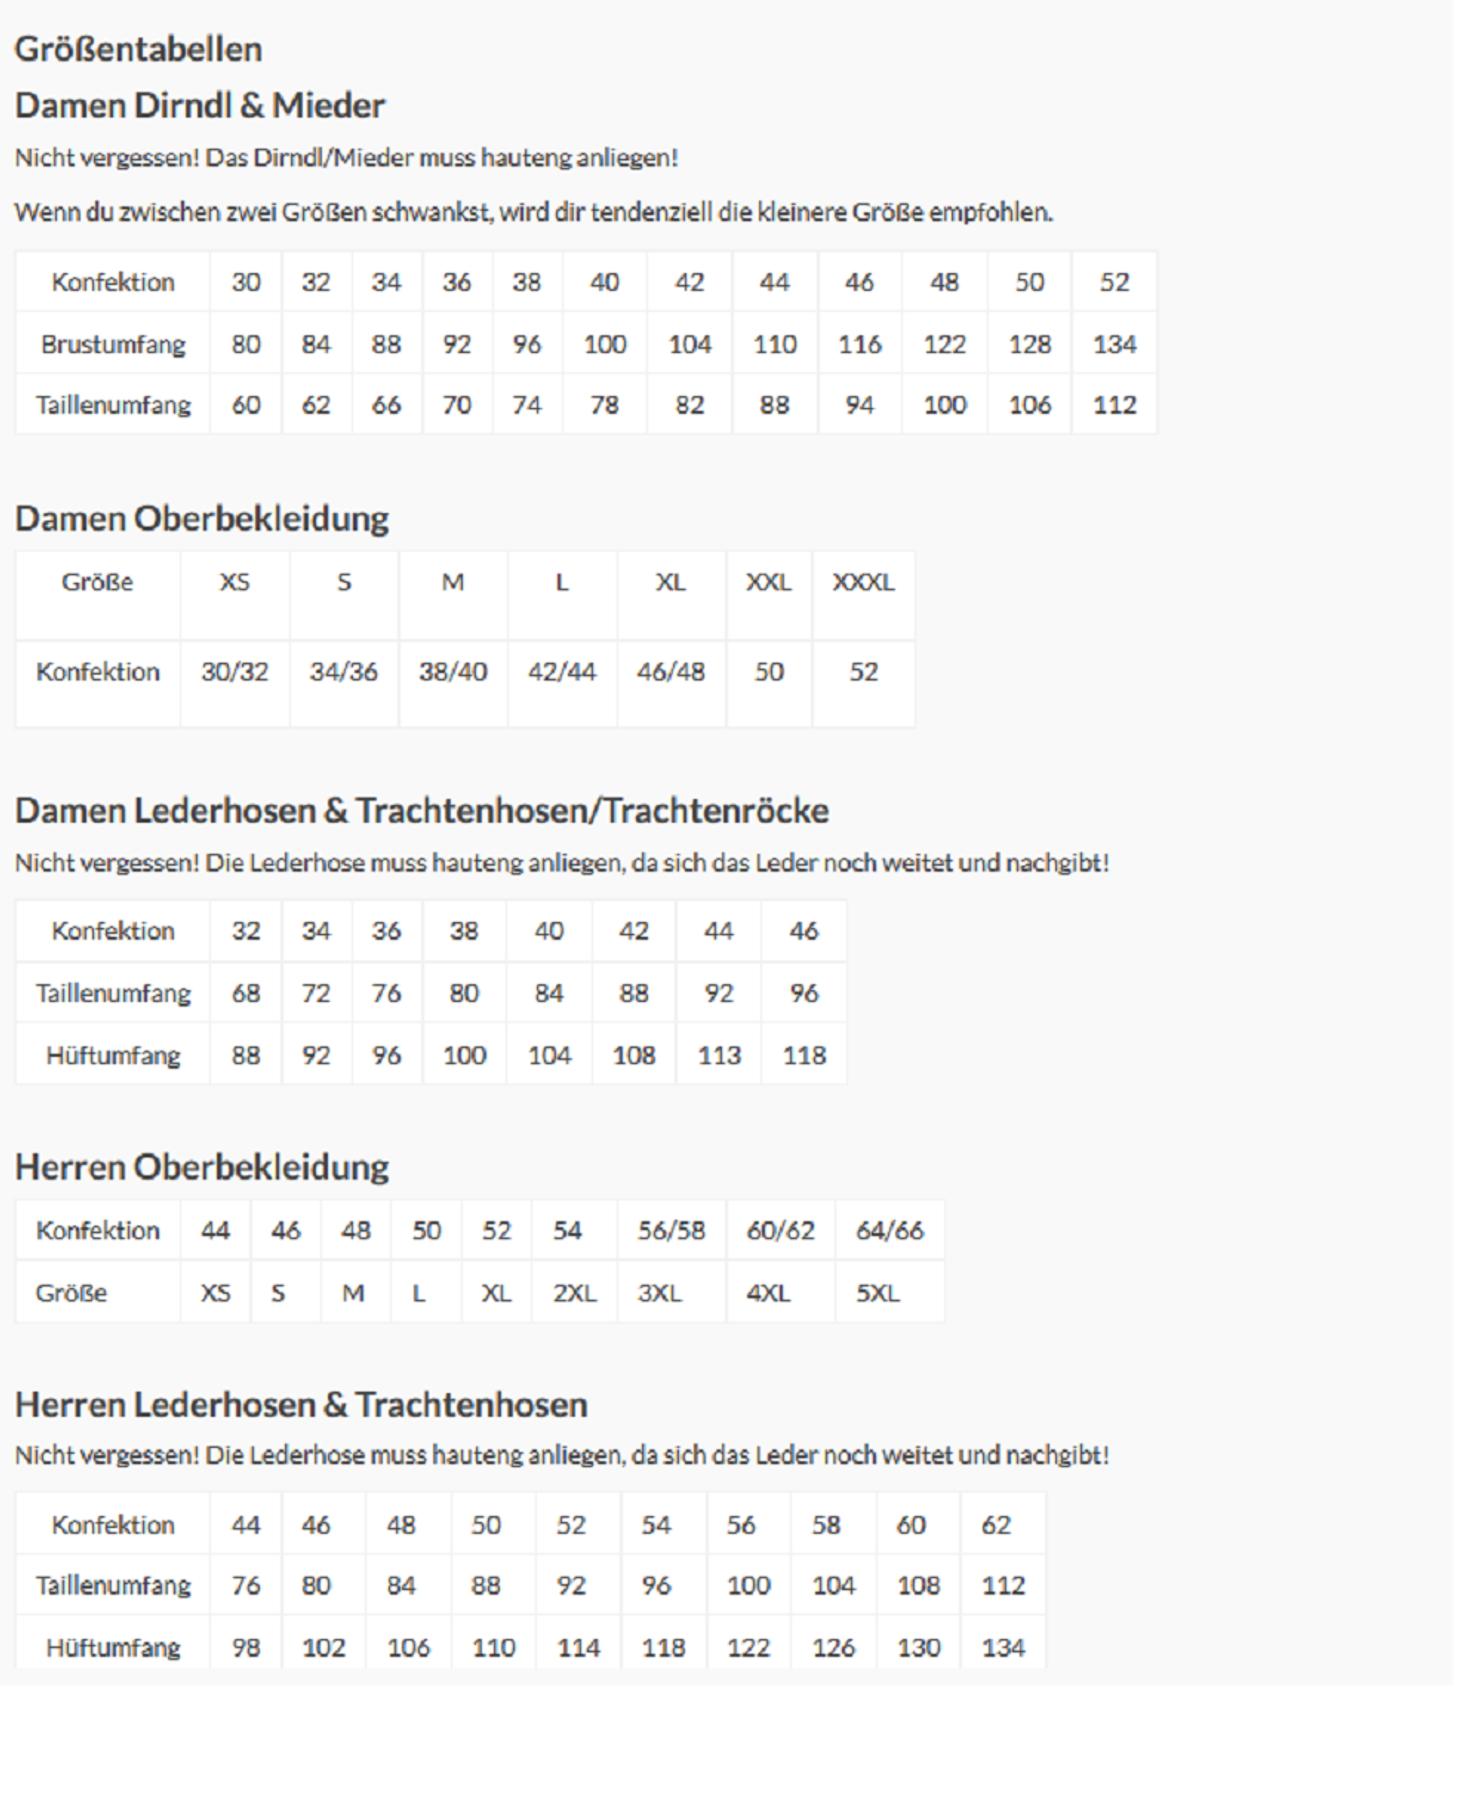 Krüger - Damen Dirndlbluse mit Stylischen Spitzen in Weiß, Aline (Artikelnummer: 34101-1) – Bild 2